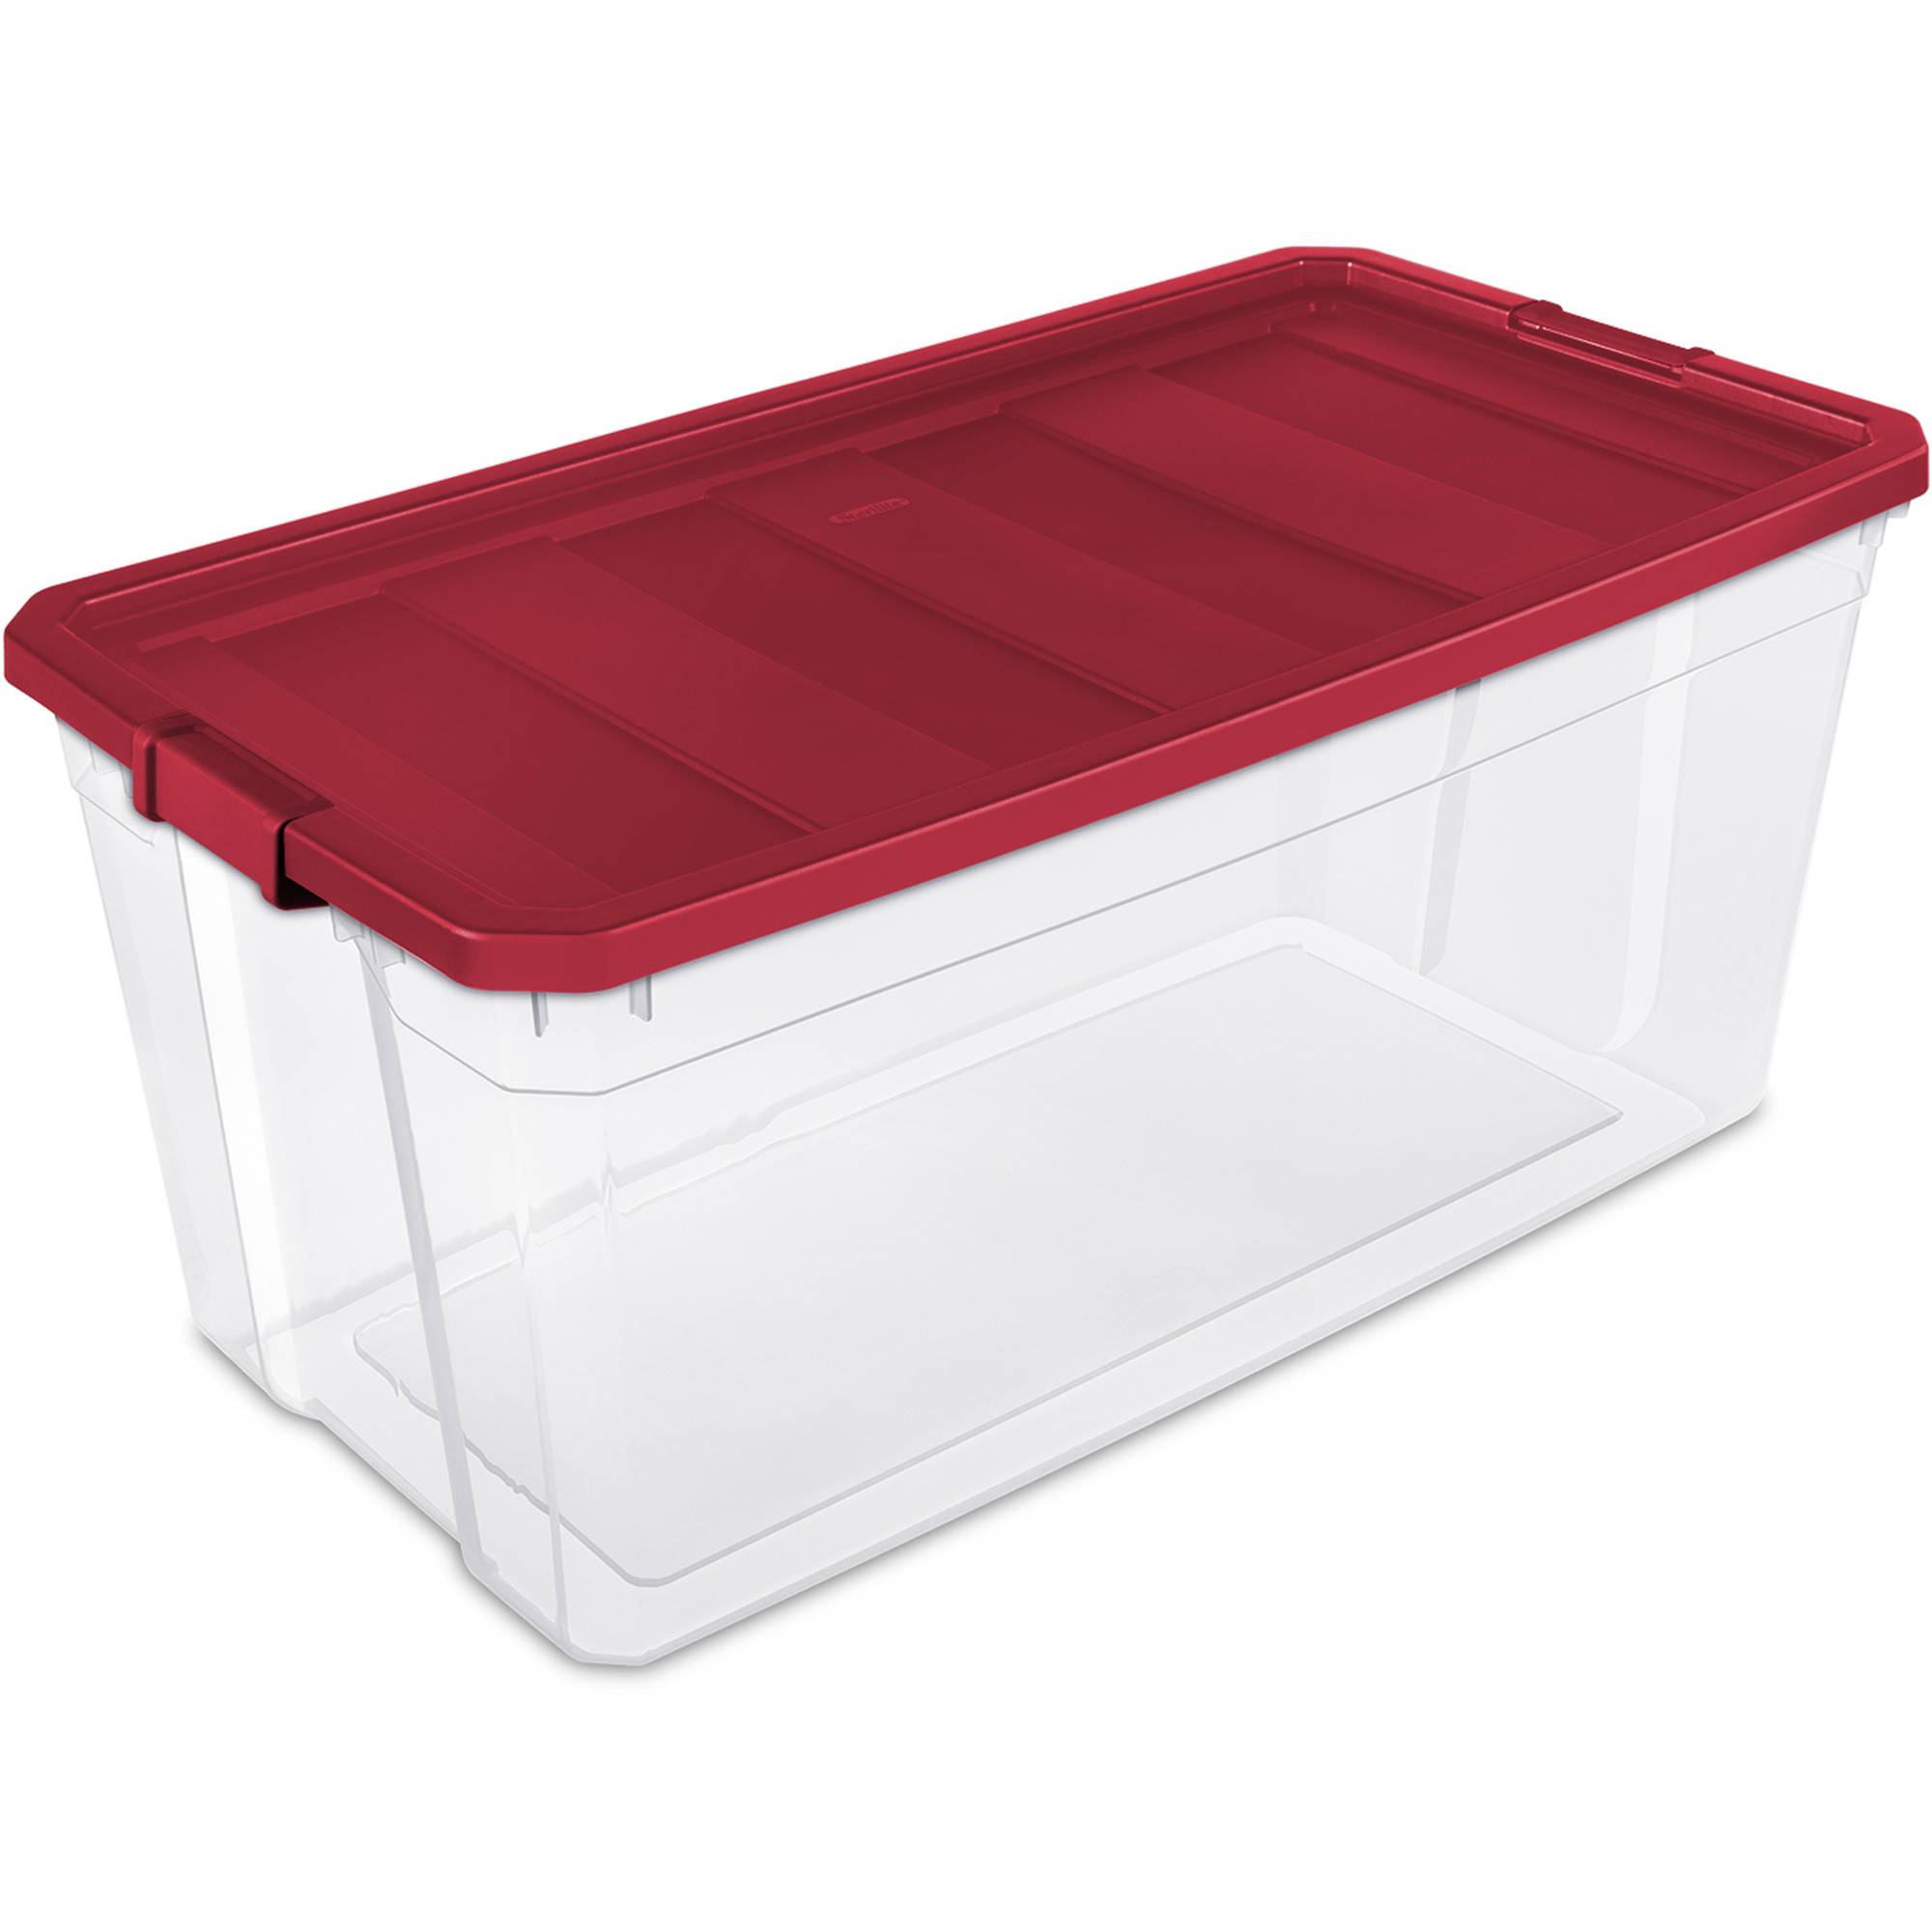 Sterilite 50-Gallon Stacker Box, Really Red